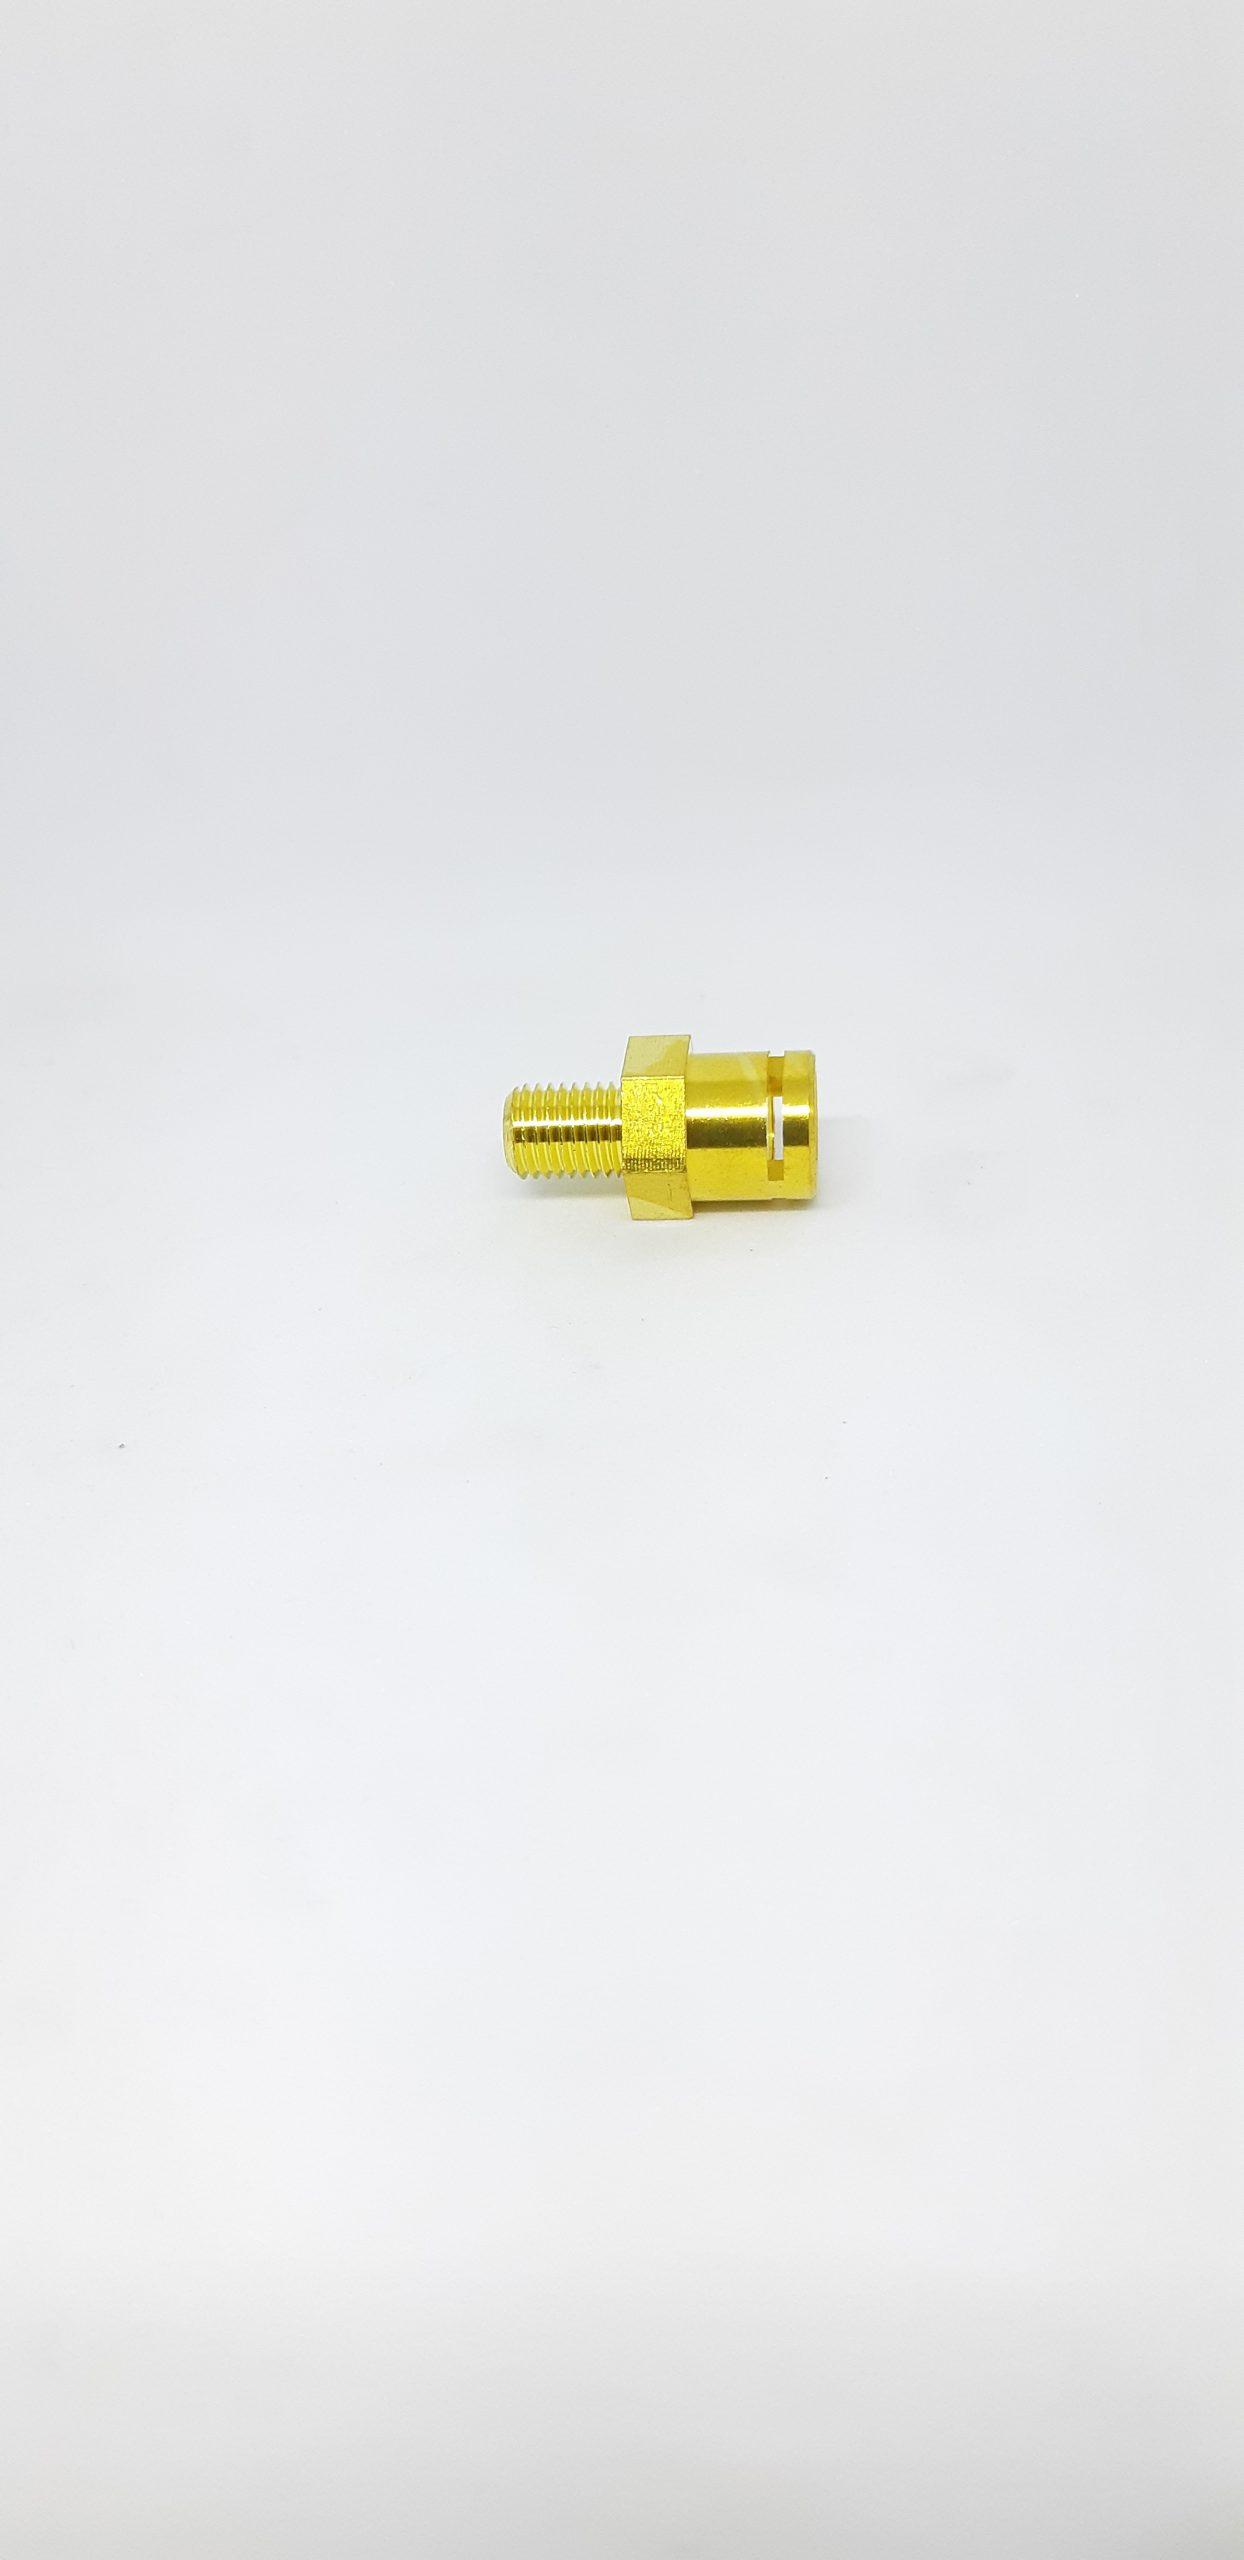 Нипел бойлер 1/8 Delonghi ръчни – 7032103600